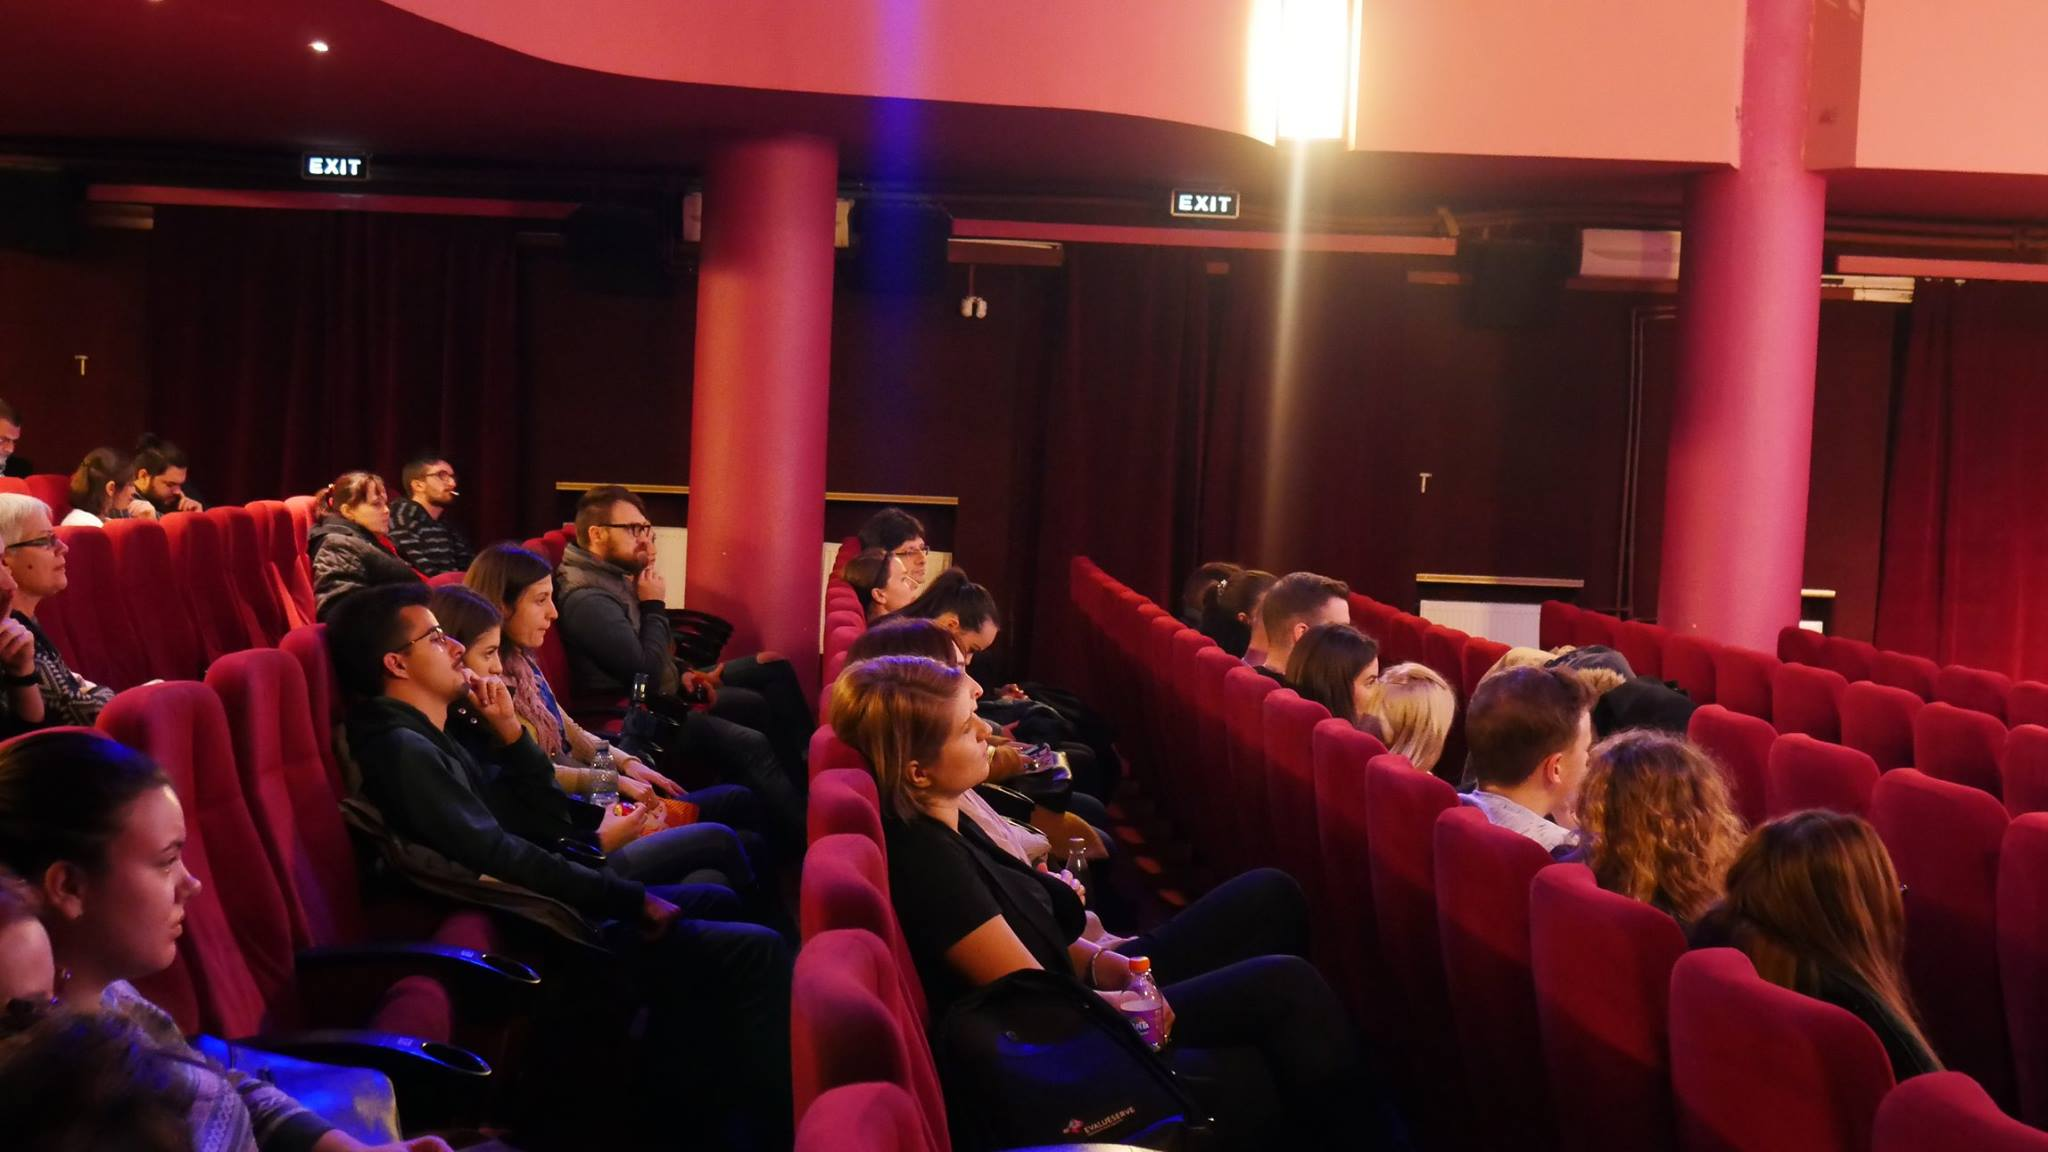 Începe Festivalul de Film Rusesc (1)